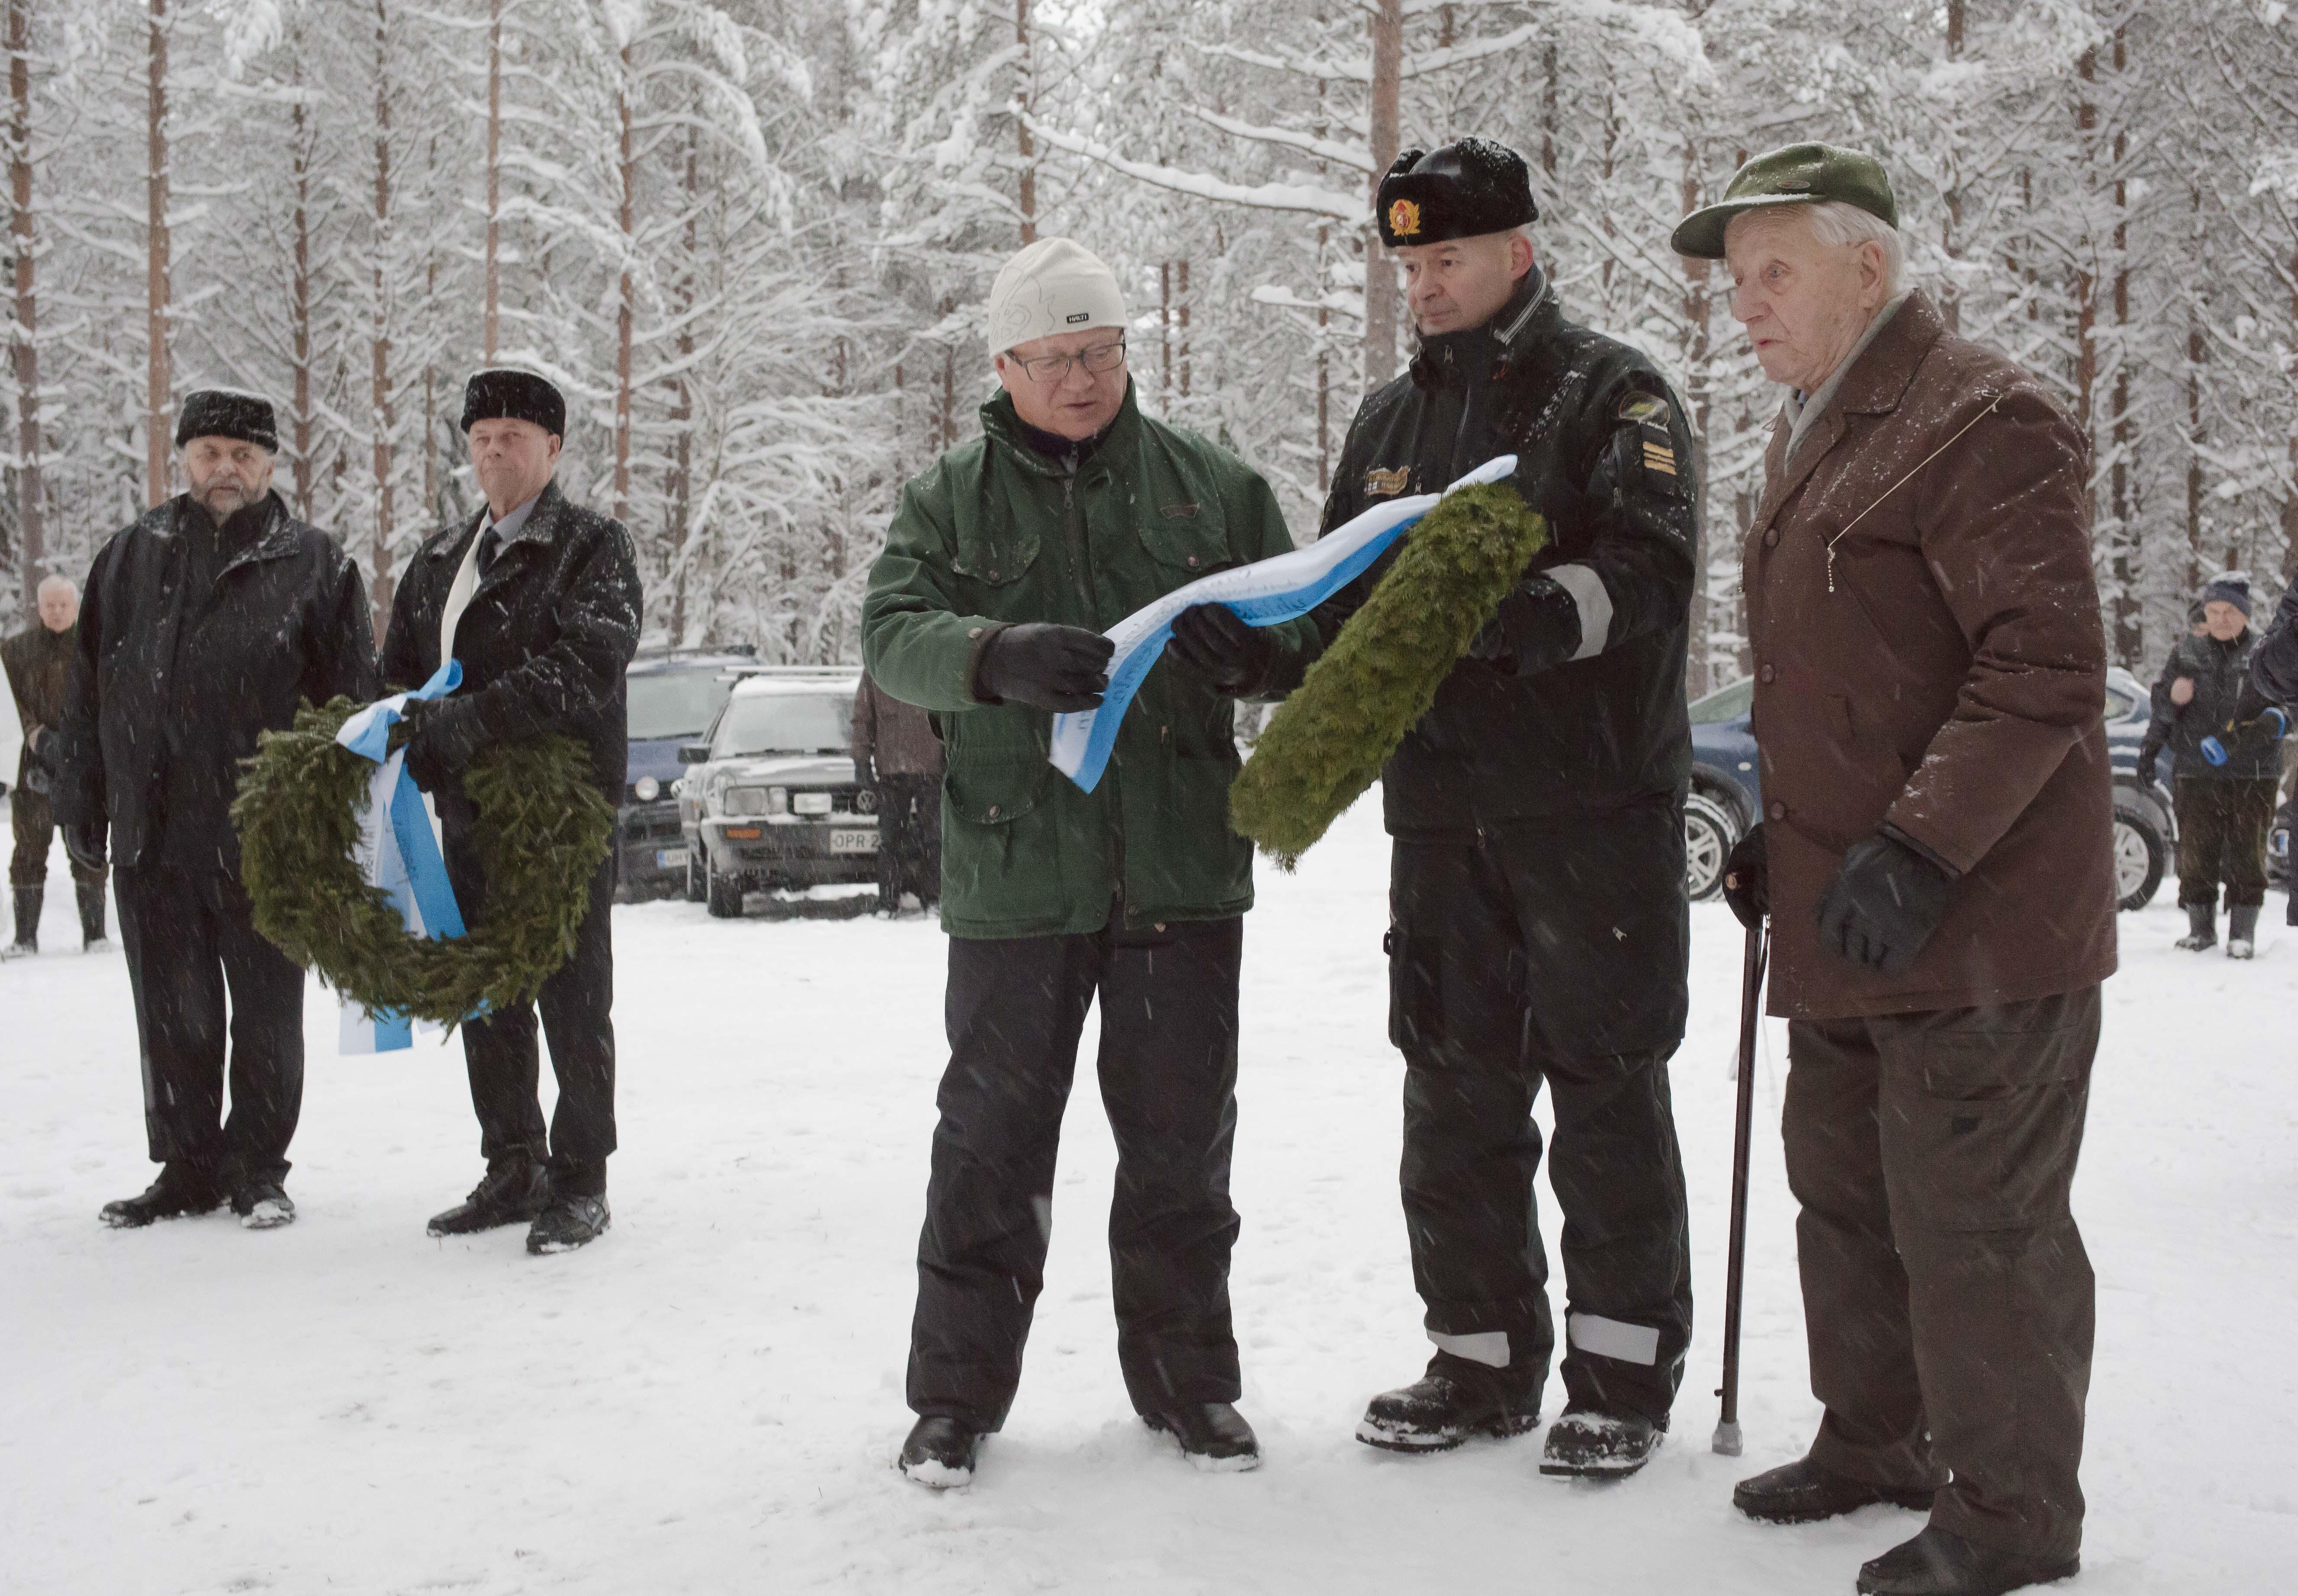 Reino Salmi, Riku Salmi sekä Lieksan sotaveteraanien puheenjohtaja Seppo Pulkkinen, Lieksan Rajavartioaseman päällikkö kapteeni Markku Hassinen sekä veteraani Viljo Keronen laskivat muistomerkille seppeleet. Kuva Ari Komulainen.